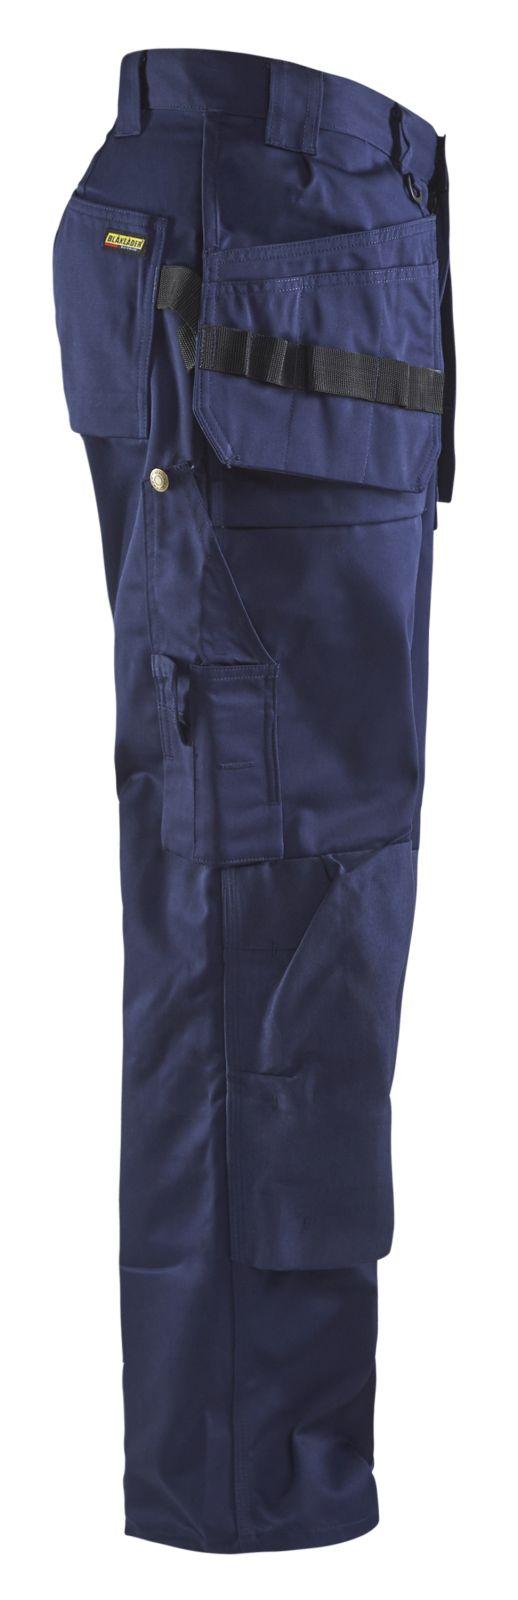 Blaklader Werkbroeken 15301860 marineblauw(8900)